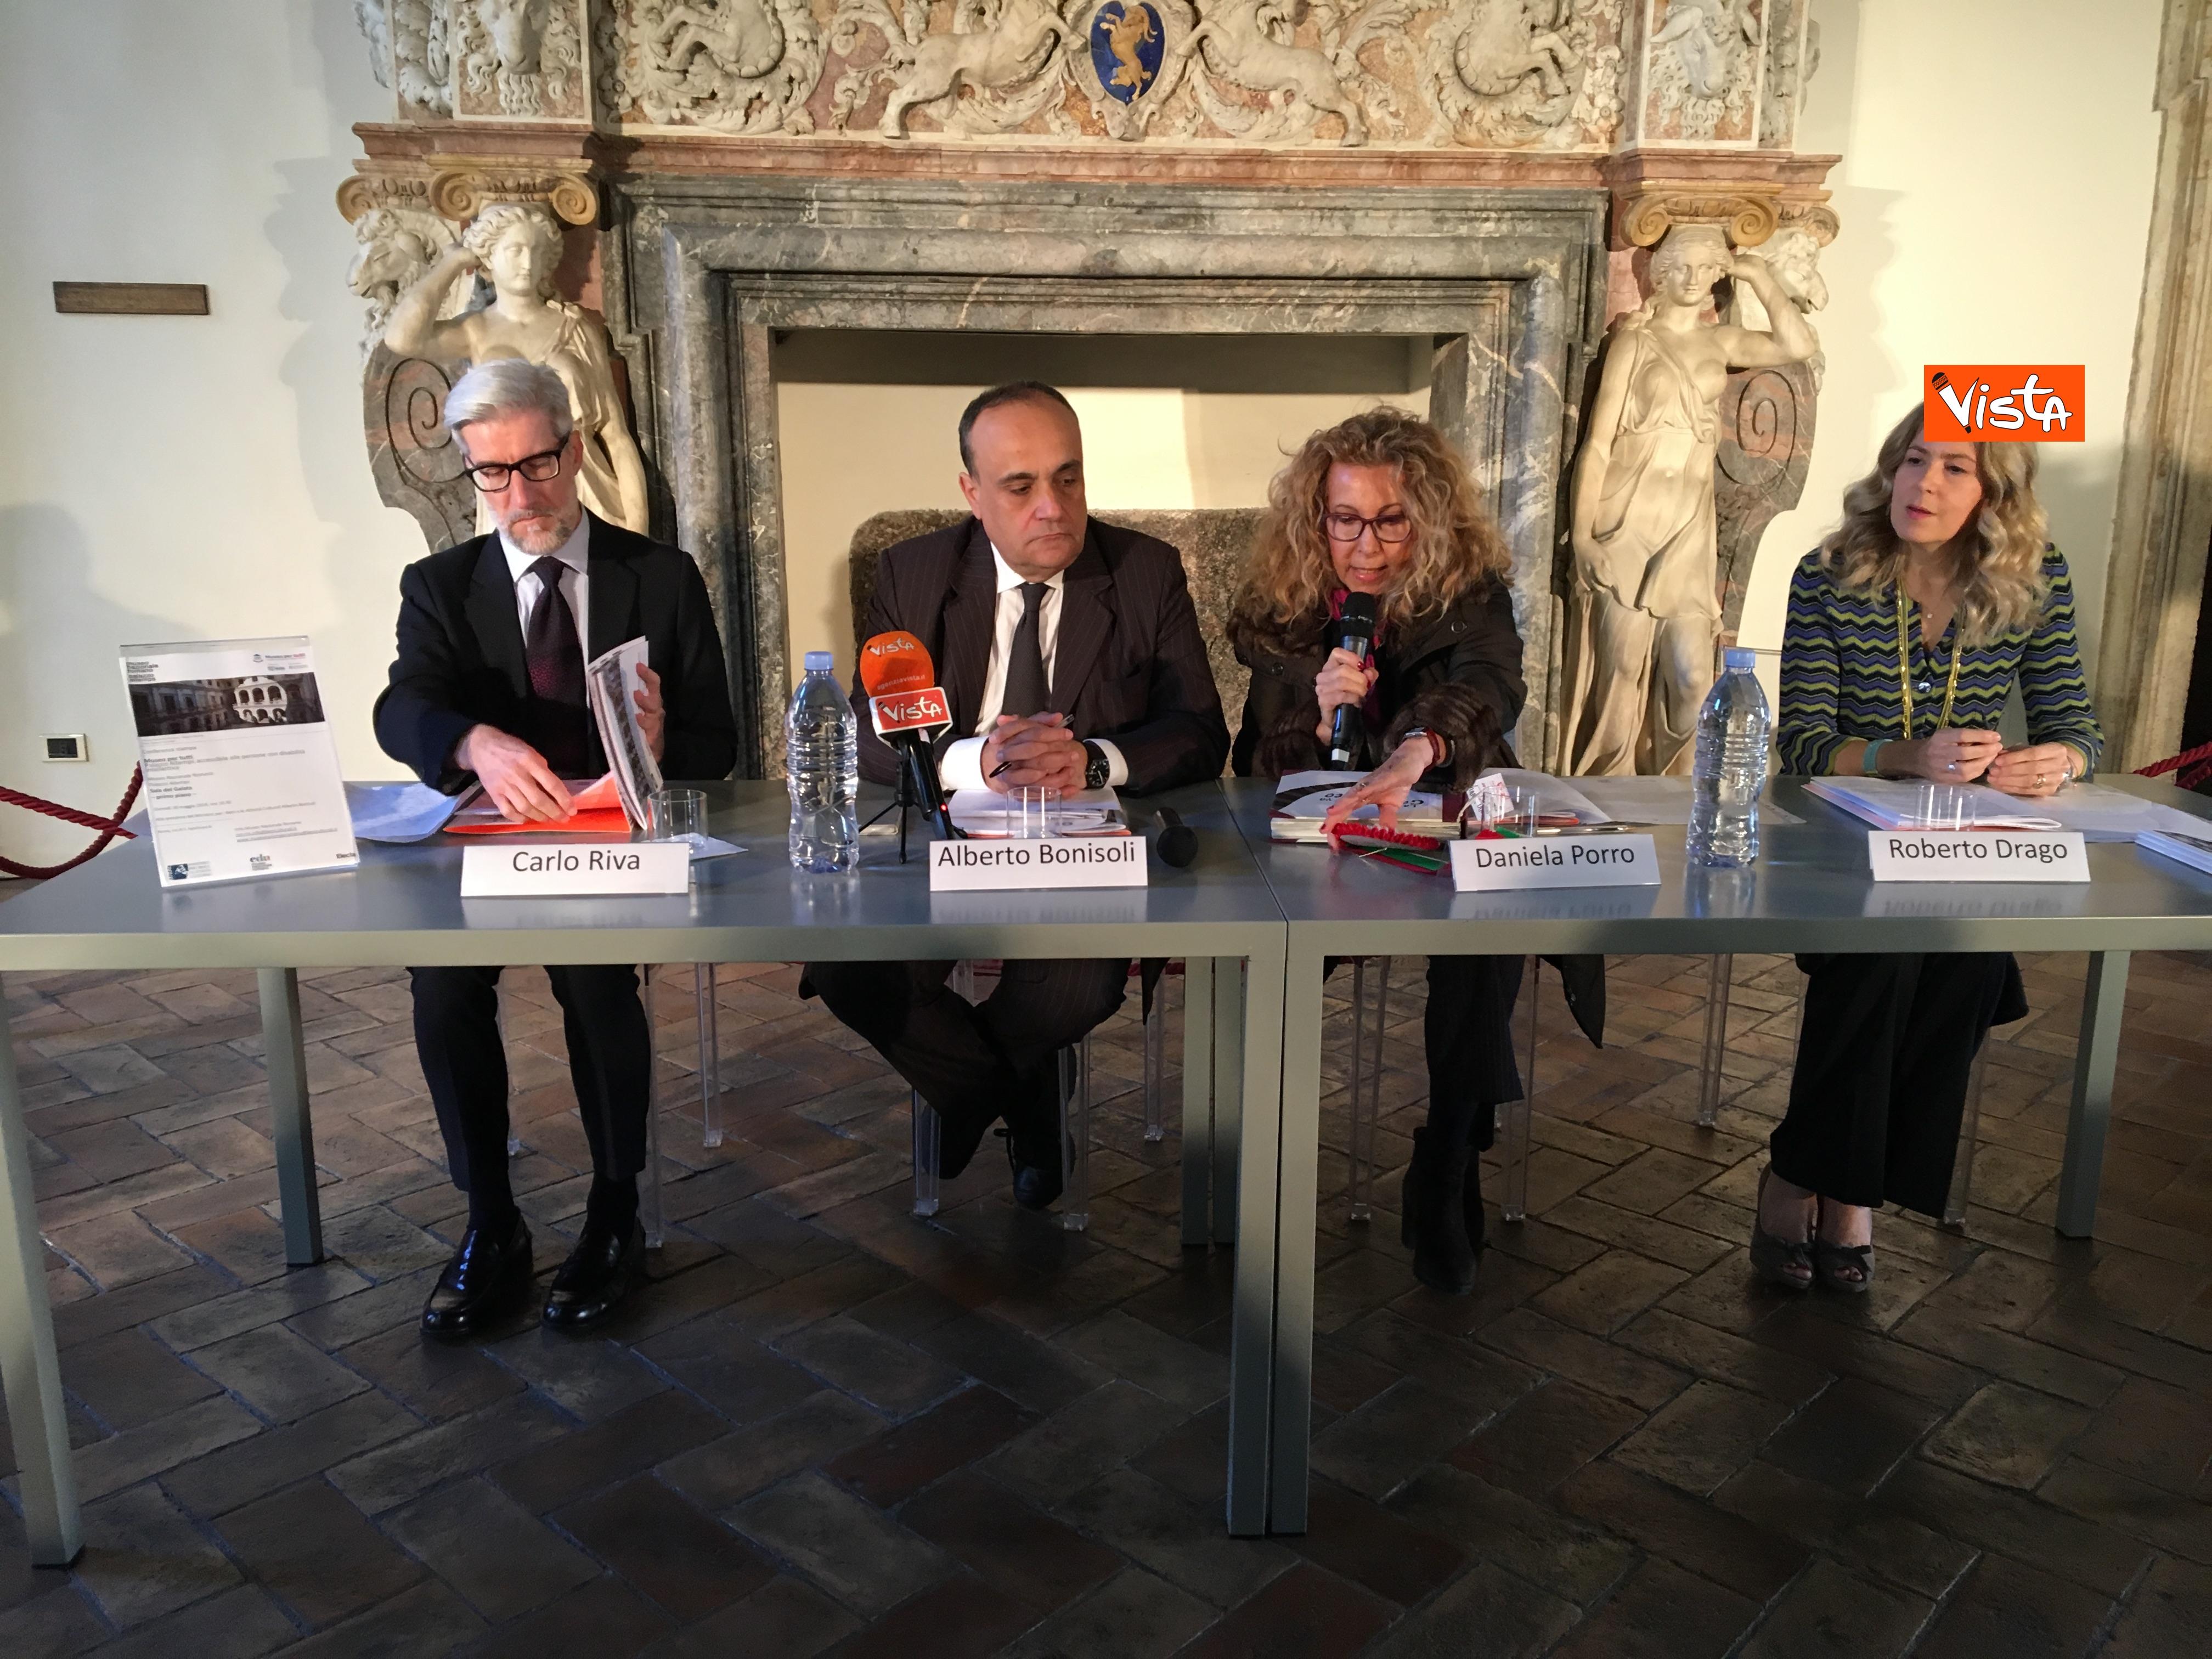 16-05-19 Museo per tutti la presentazione del progetto con Bonisoli a Palazzo Altemps_07